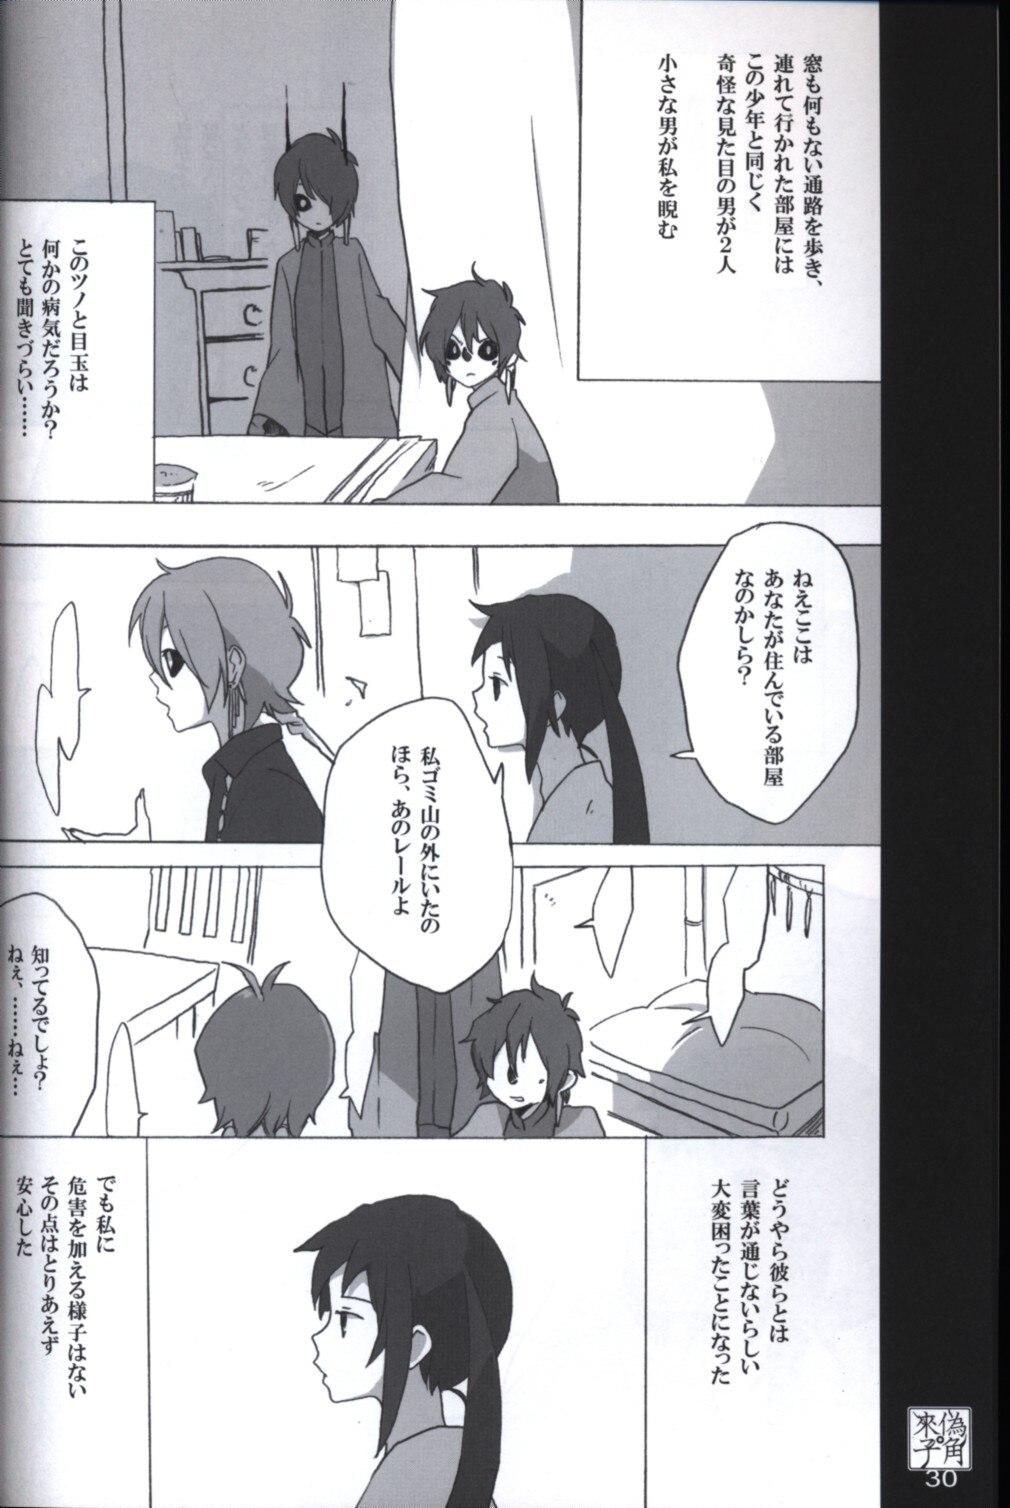 読解 アヘン 2